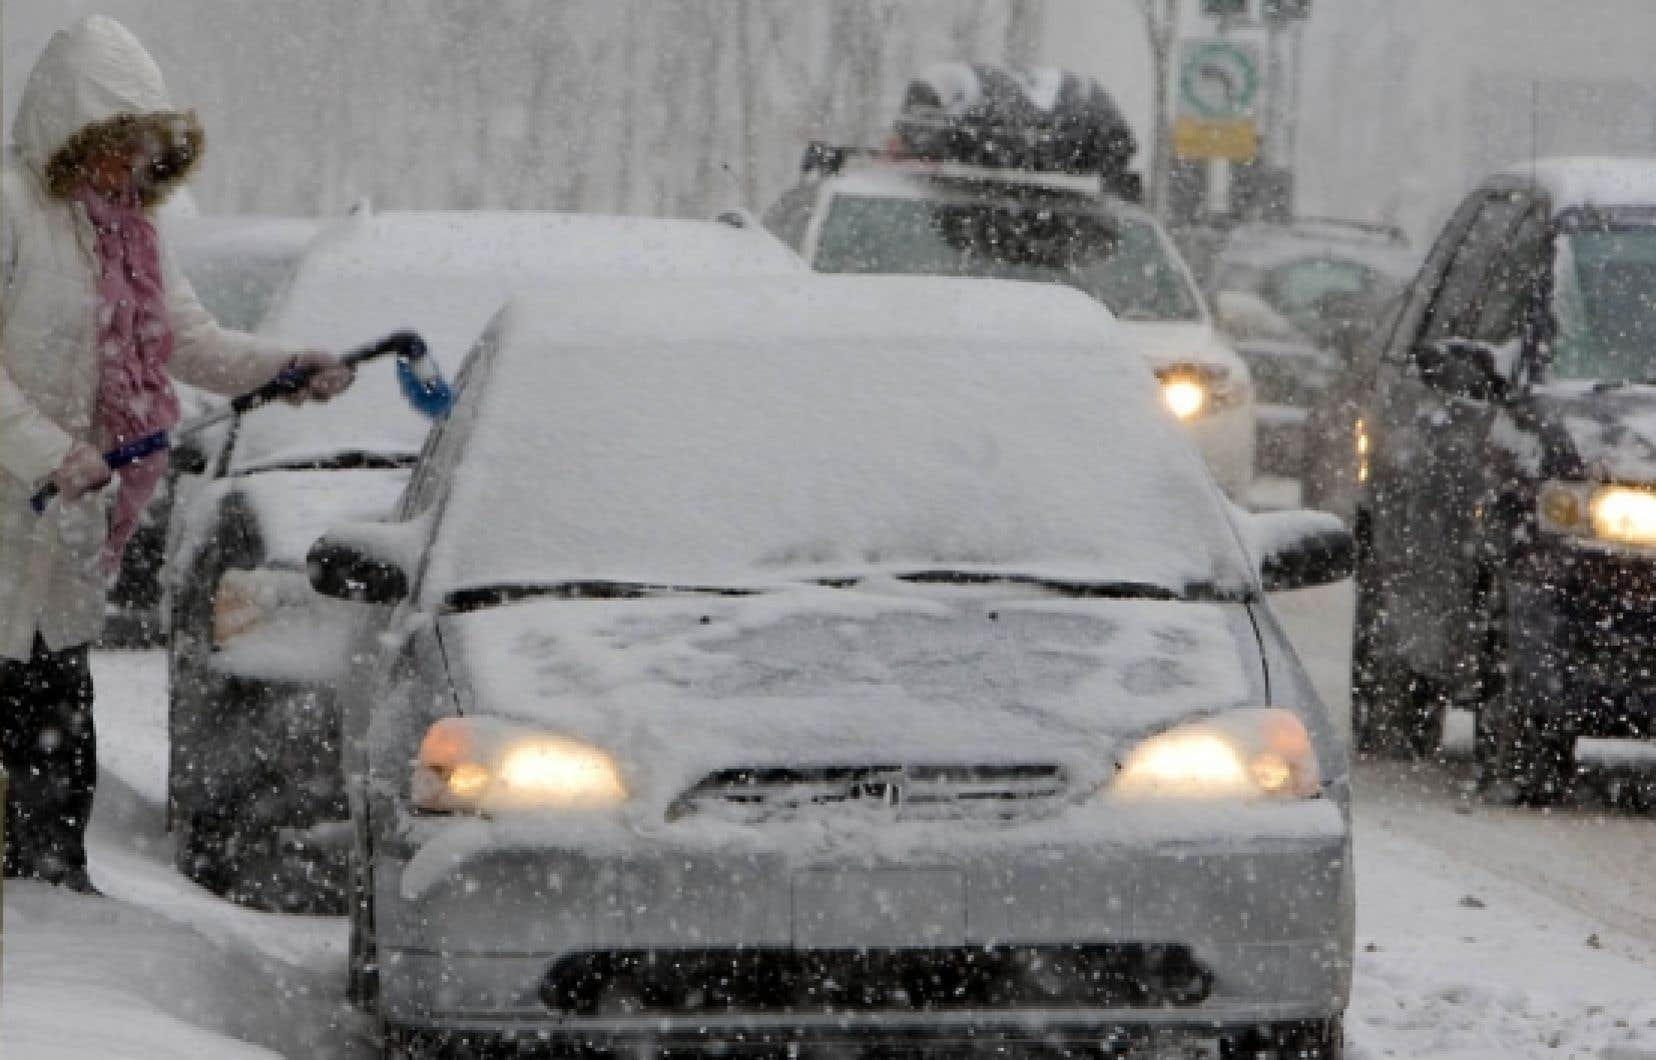 La tempête de neige de la semaine dernière a laissé une dizaine de centimètres sur la métropole.